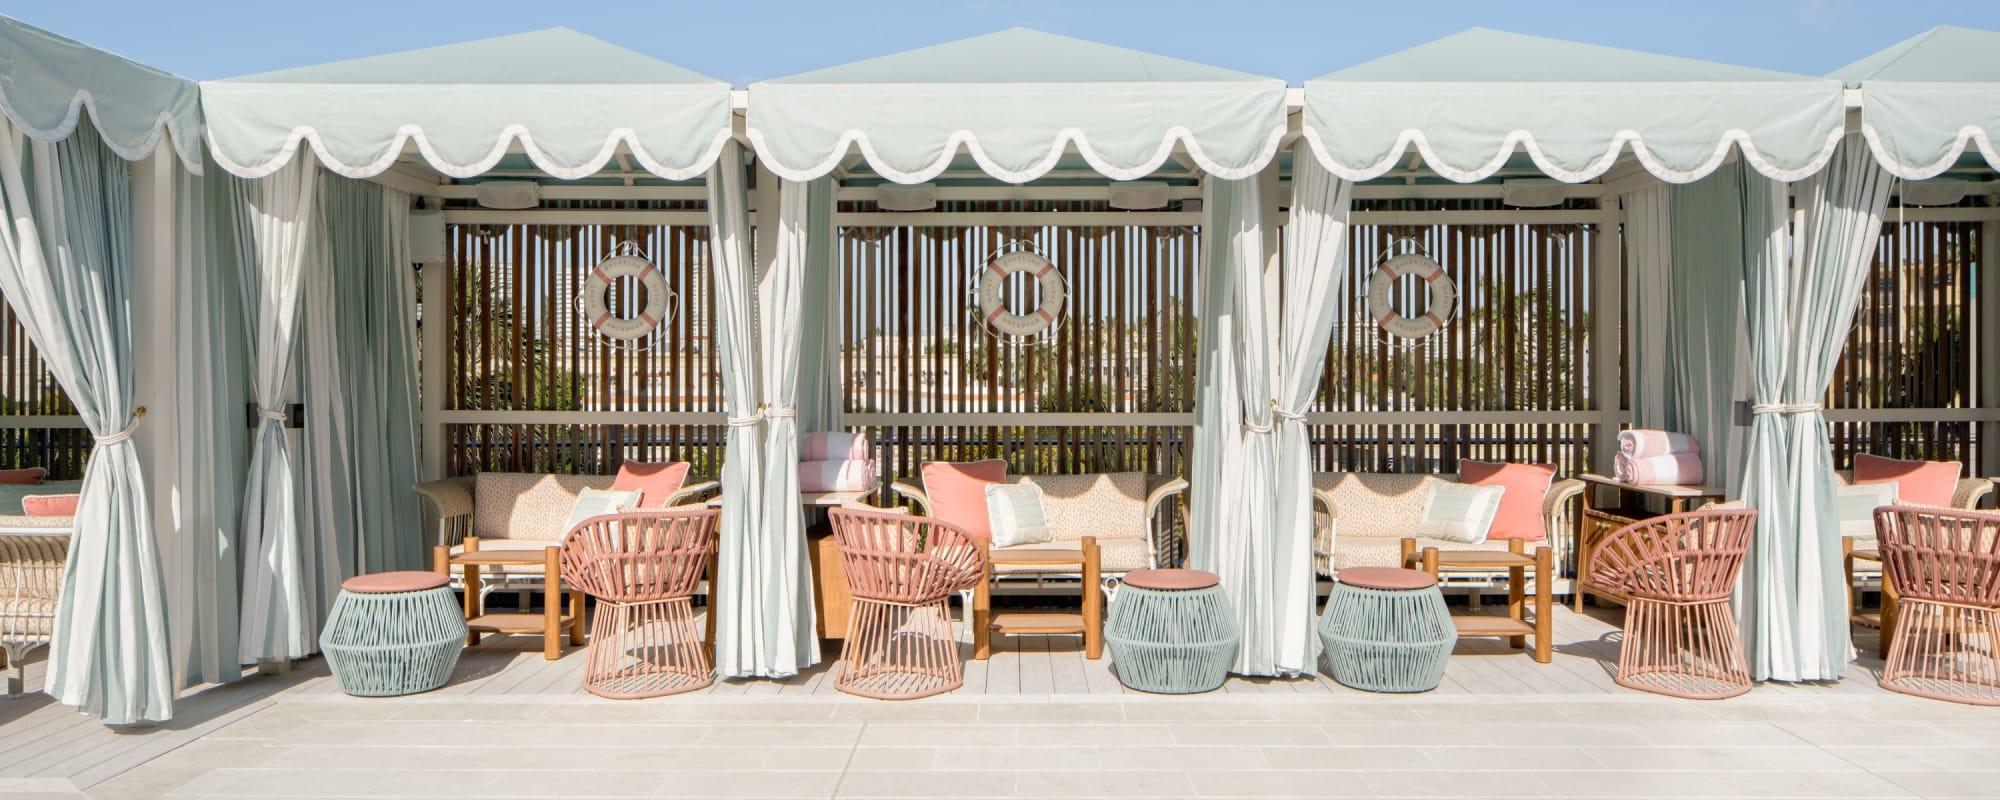 Drei Cabanas auf der Terrasse des Goodtime Hotels.